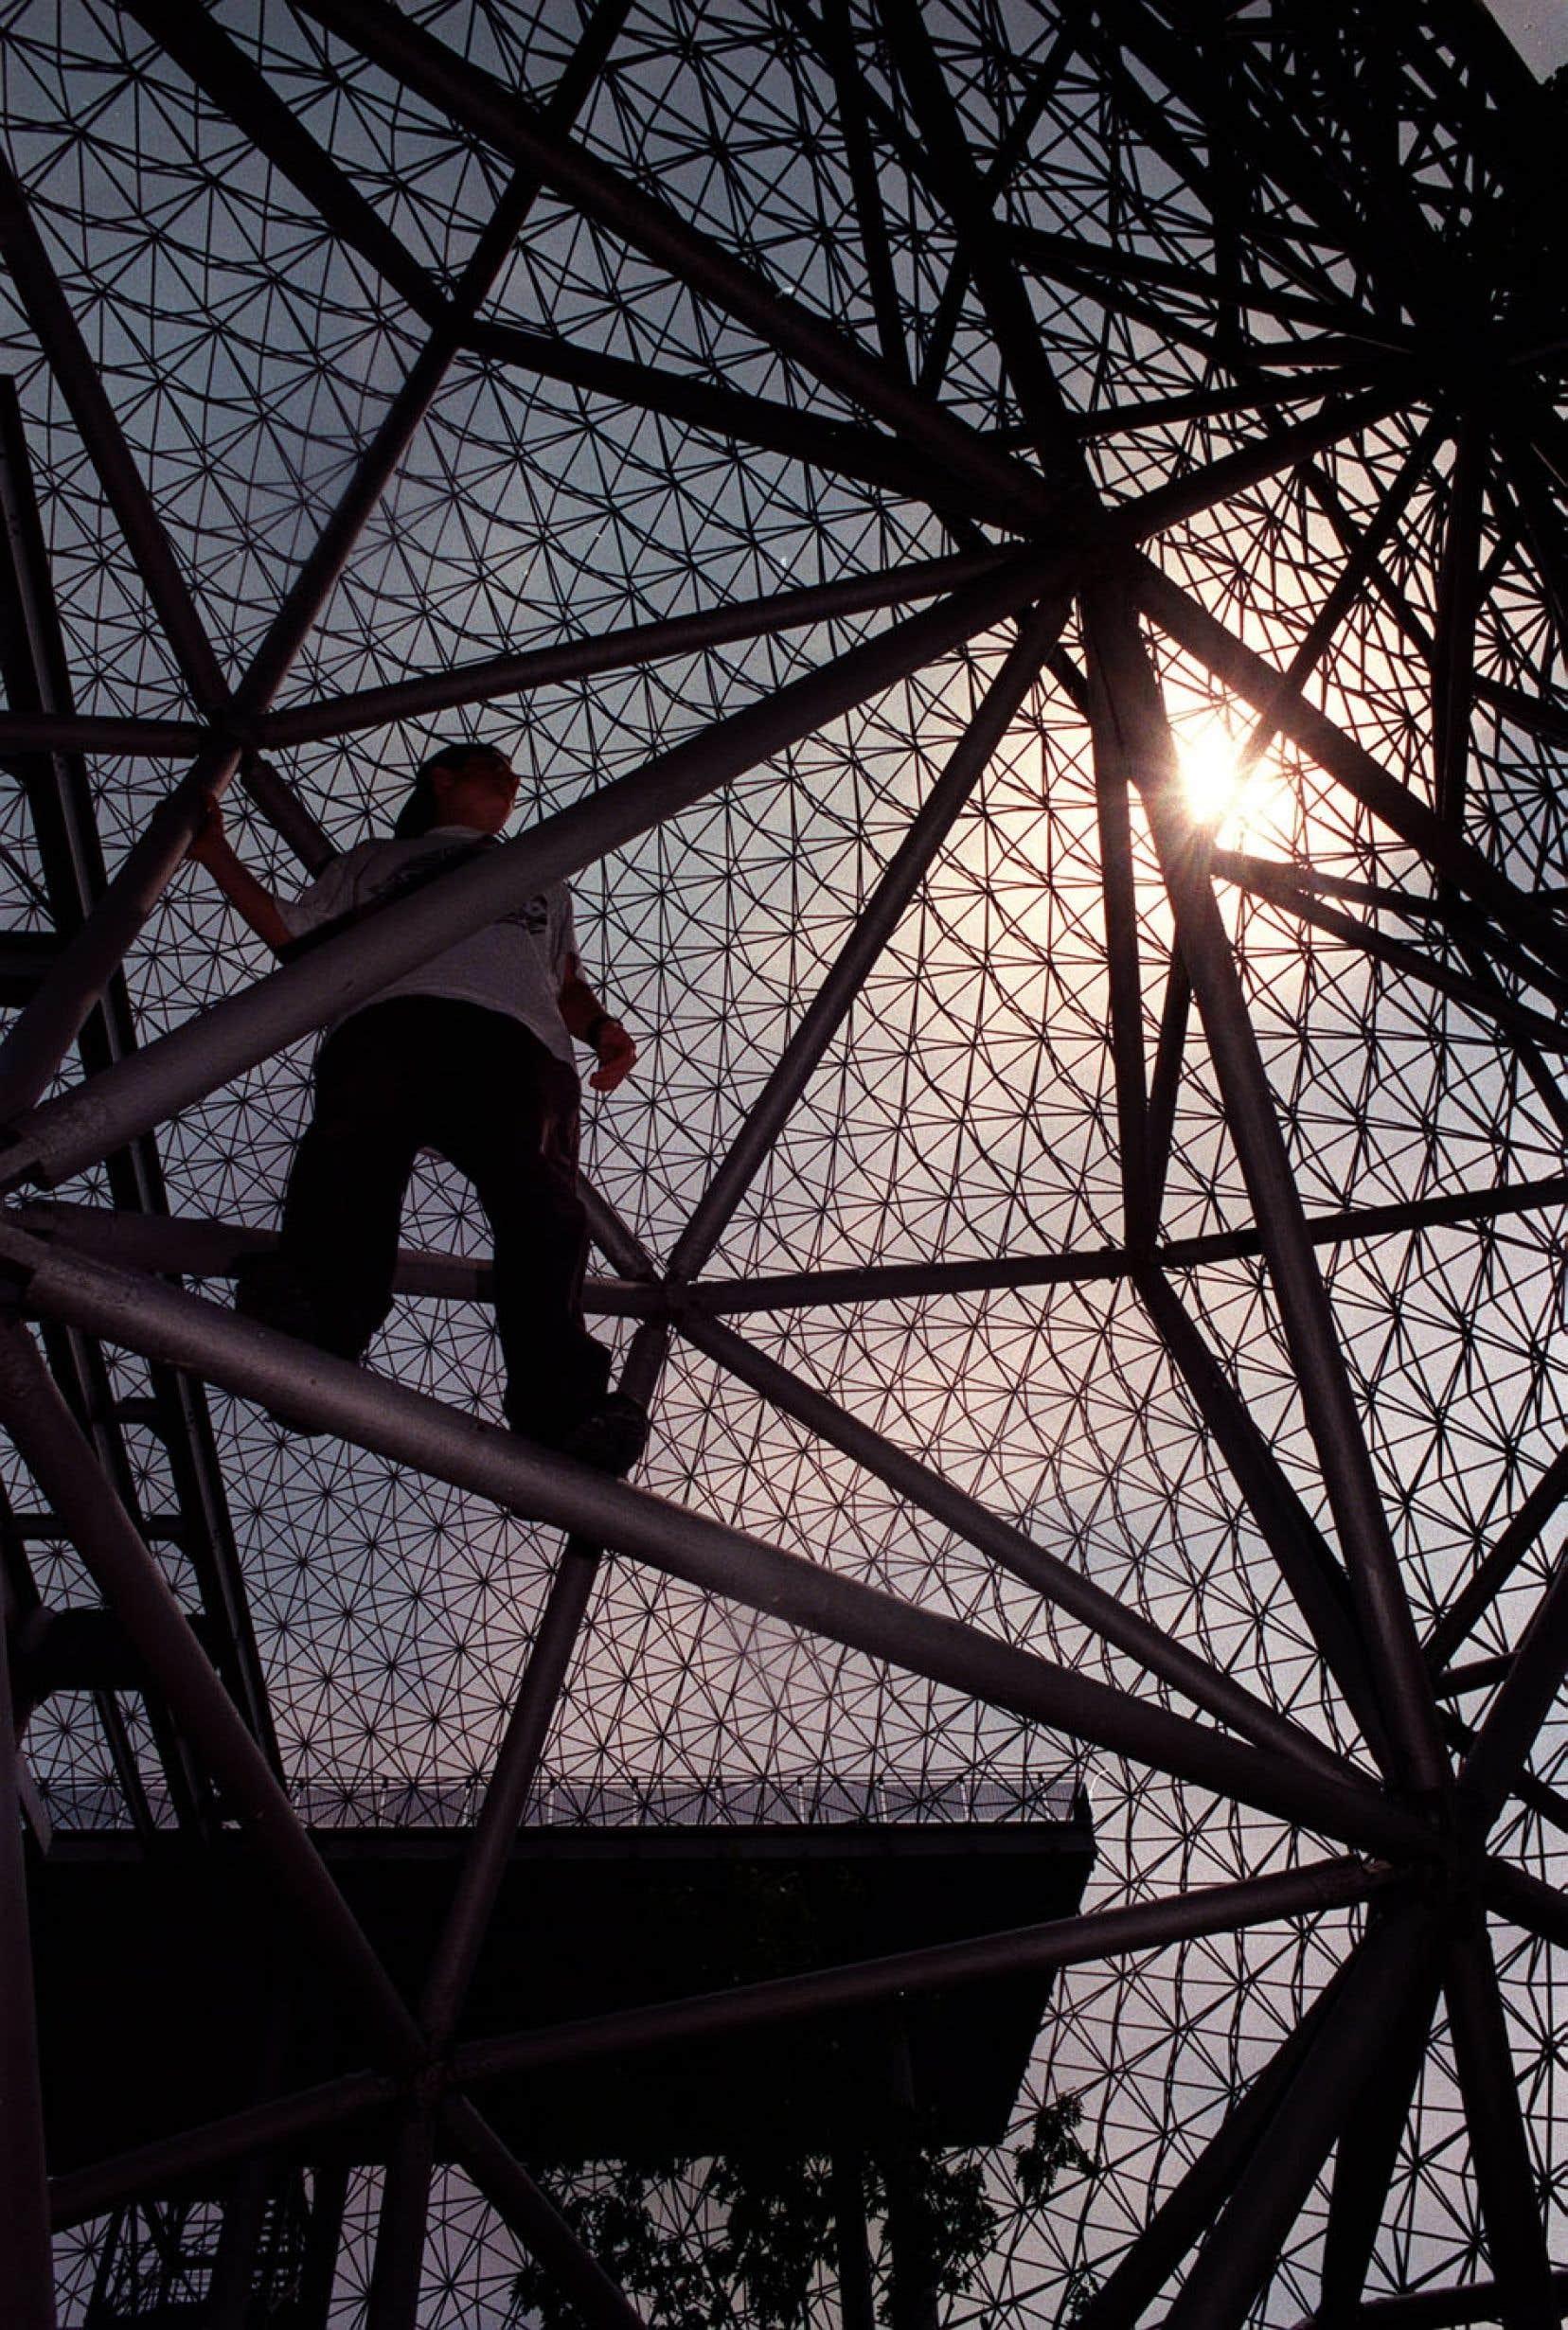 La Biosphère pourrait faire l'objet d'une mise en lumière permanente à l'instar de la tour Eiffel.